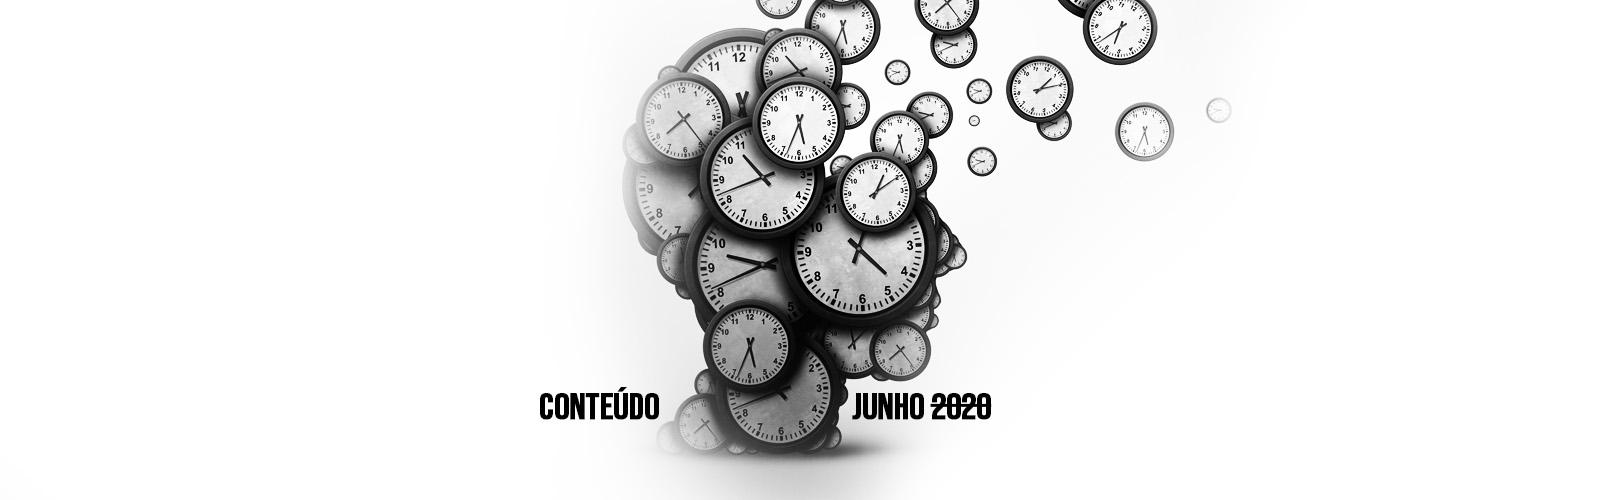 Conteúdo: Junho 2020